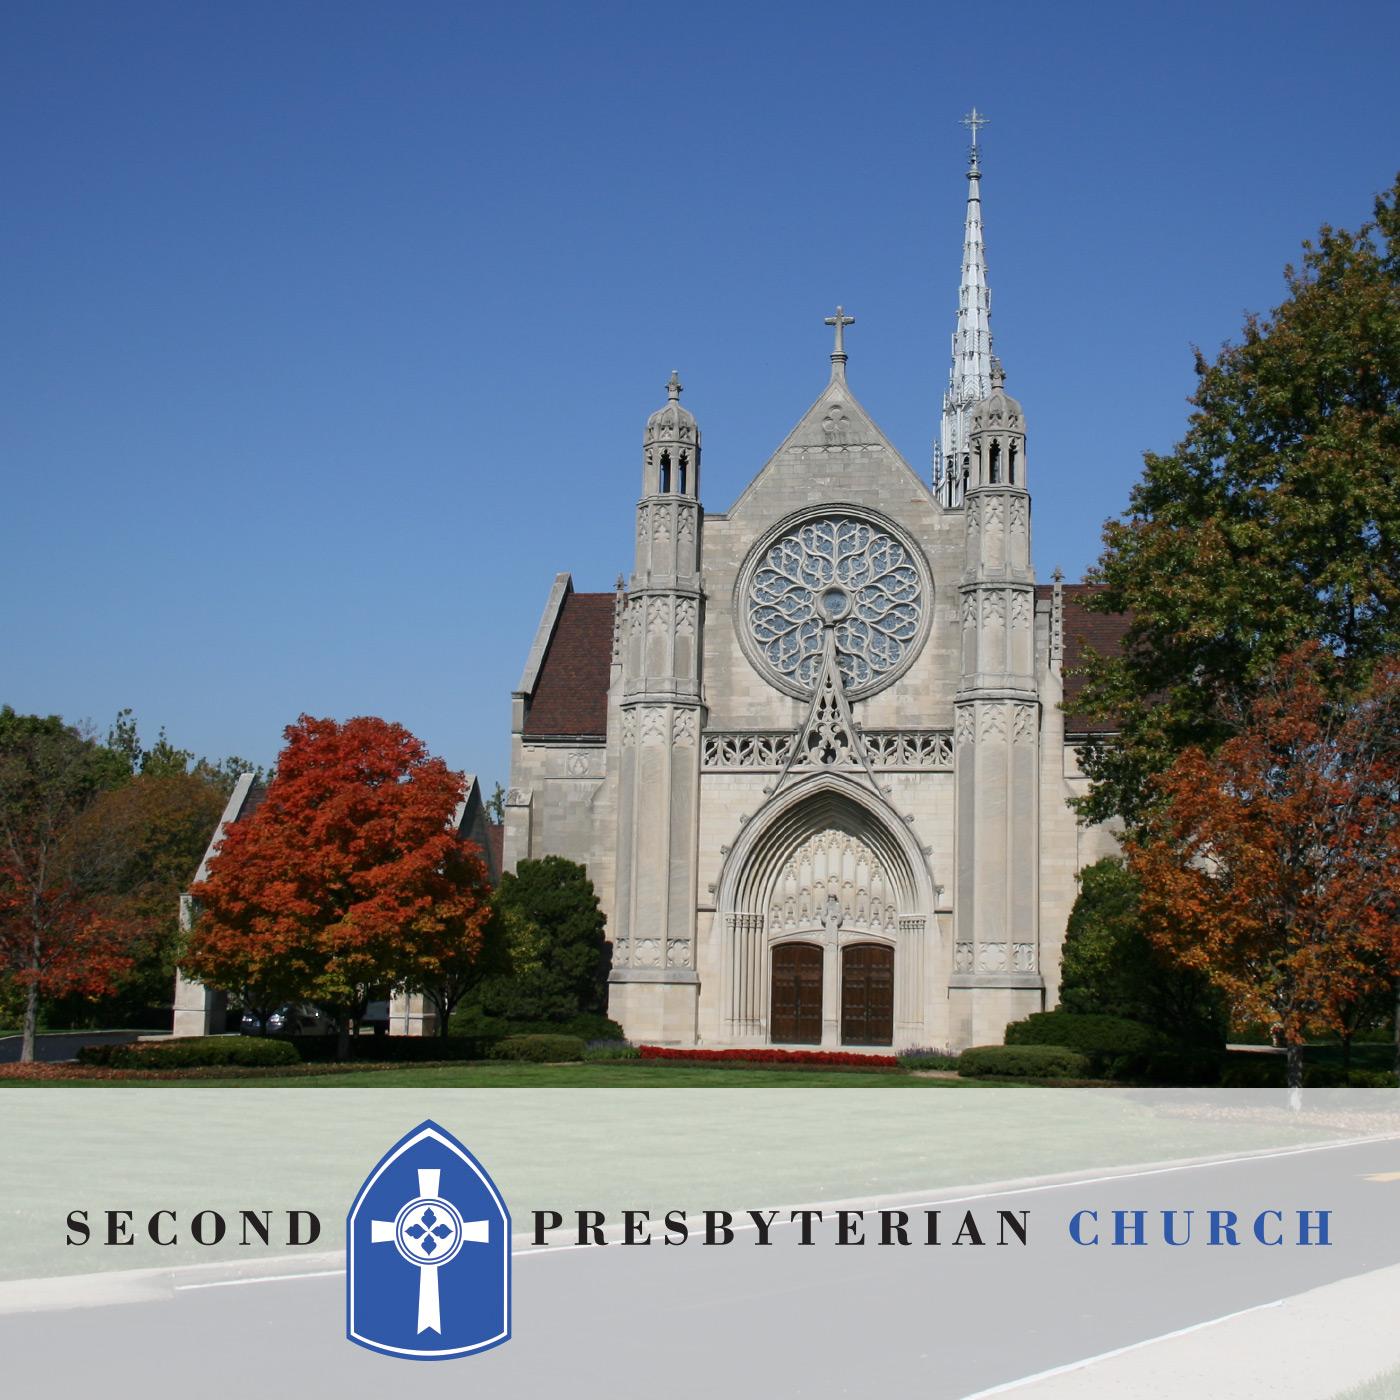 Second Presbyterian Church Sermons Podcast